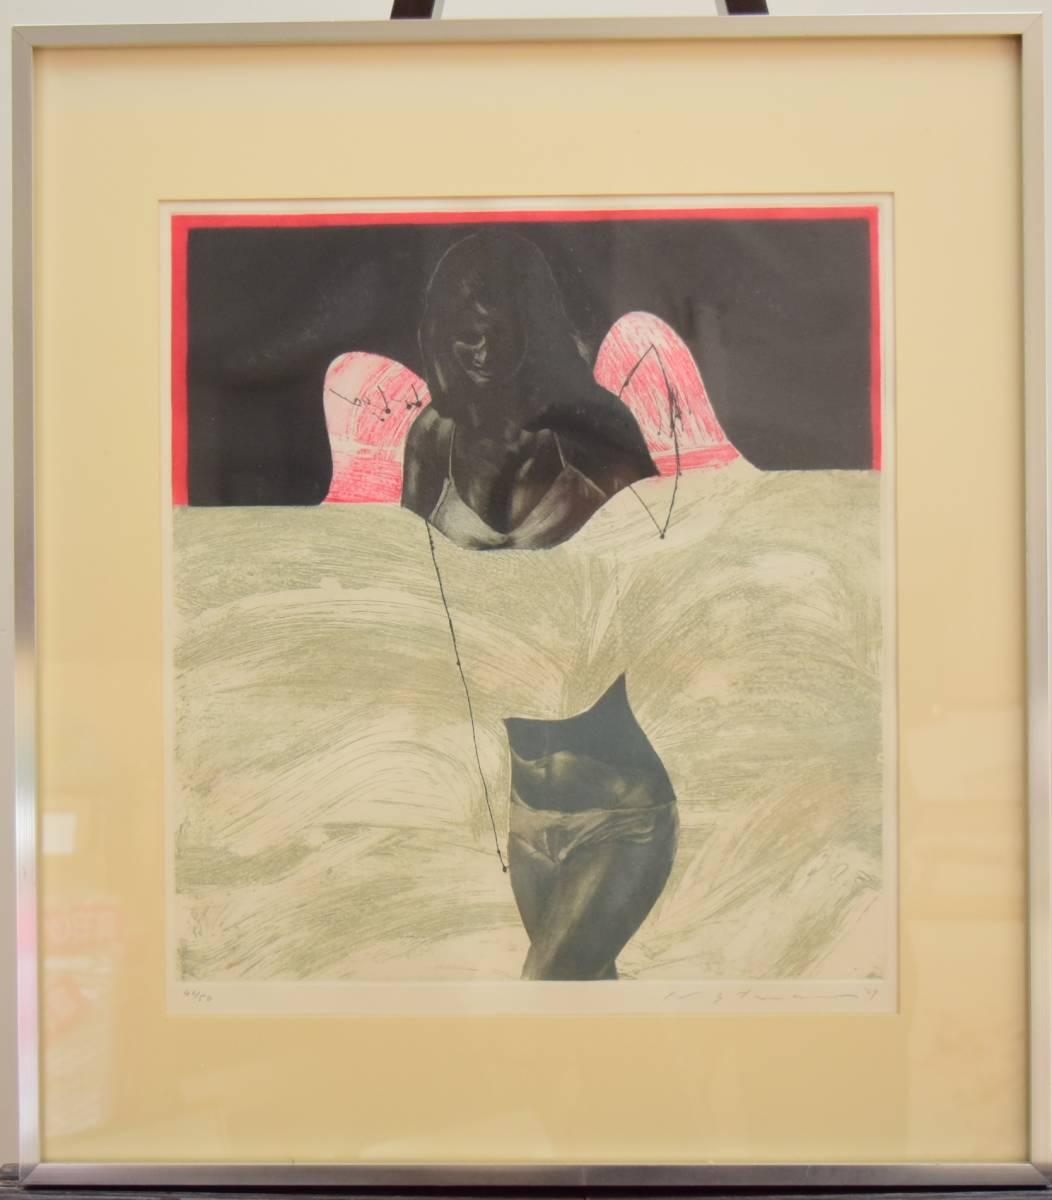 池田満寿夫 [歩む天使] 銅版画 1969年 真作_画像2